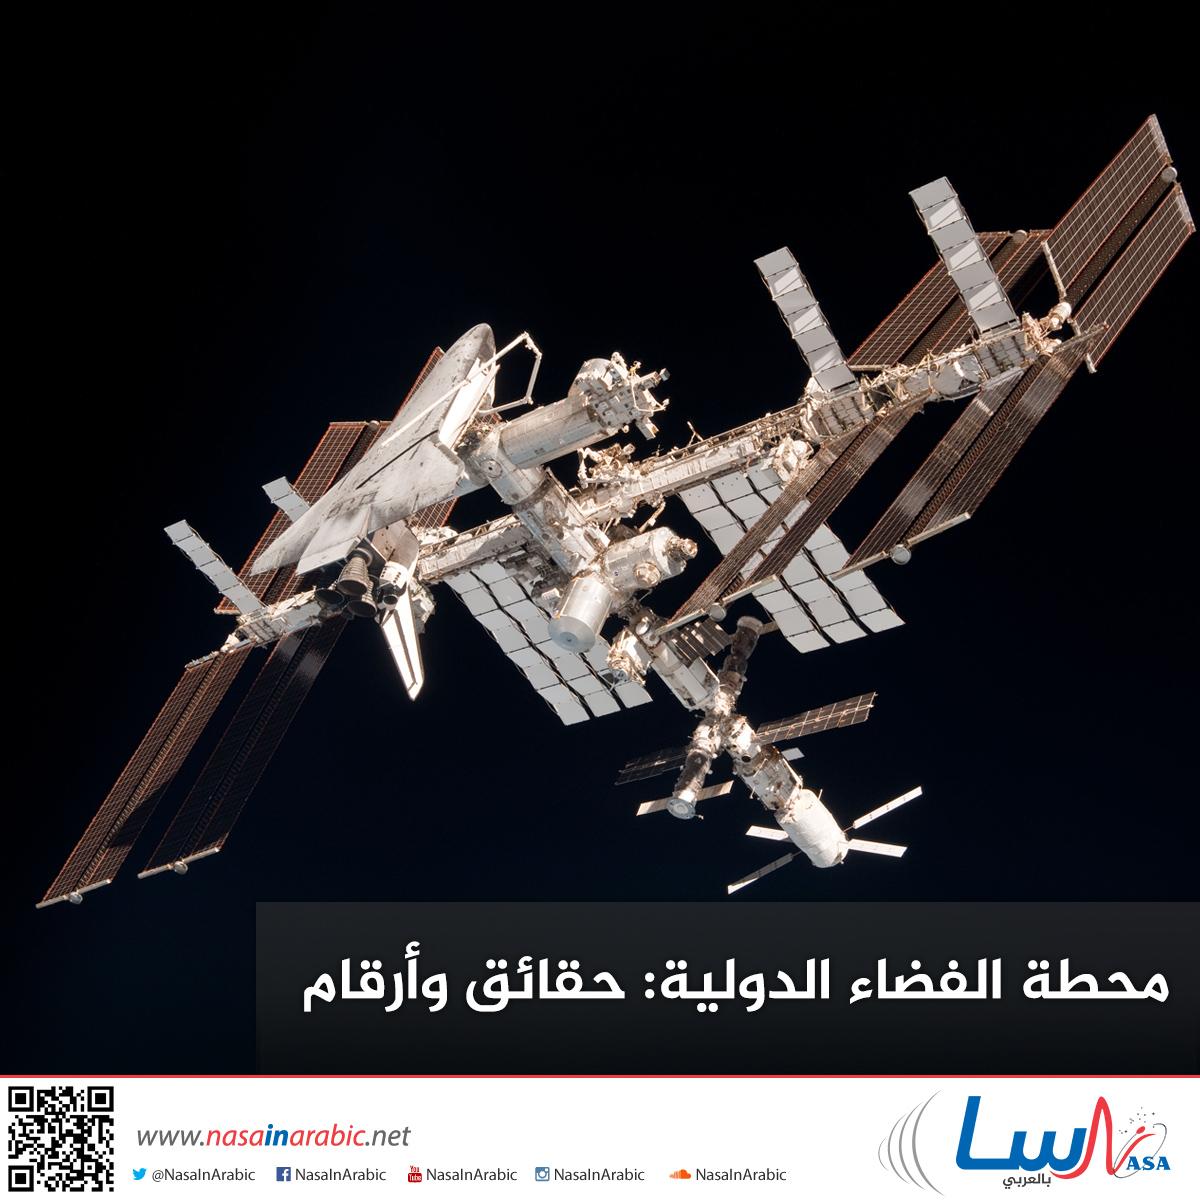 محطة الفضاء الدولية: حقائق وأرقام